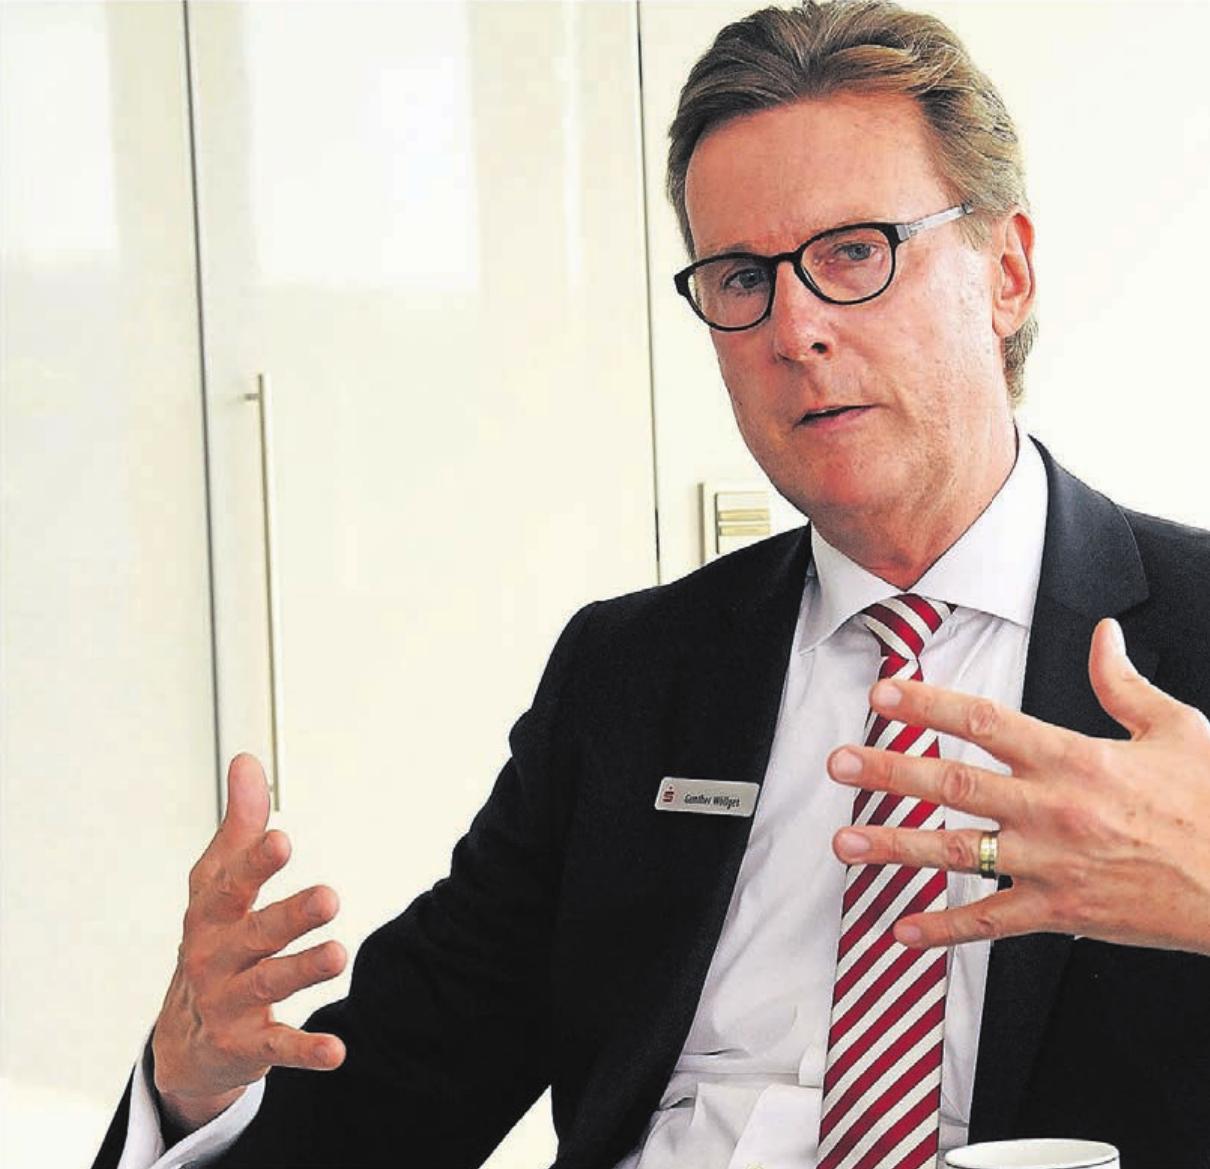 Sparkassen-Vorstand Gunther Wölfges verspricht für von der Corona-Krise betroffene Unternehmer und Selbstständige schnelle Kredit- und Liquiditätshilfen seines Geldinstituts.